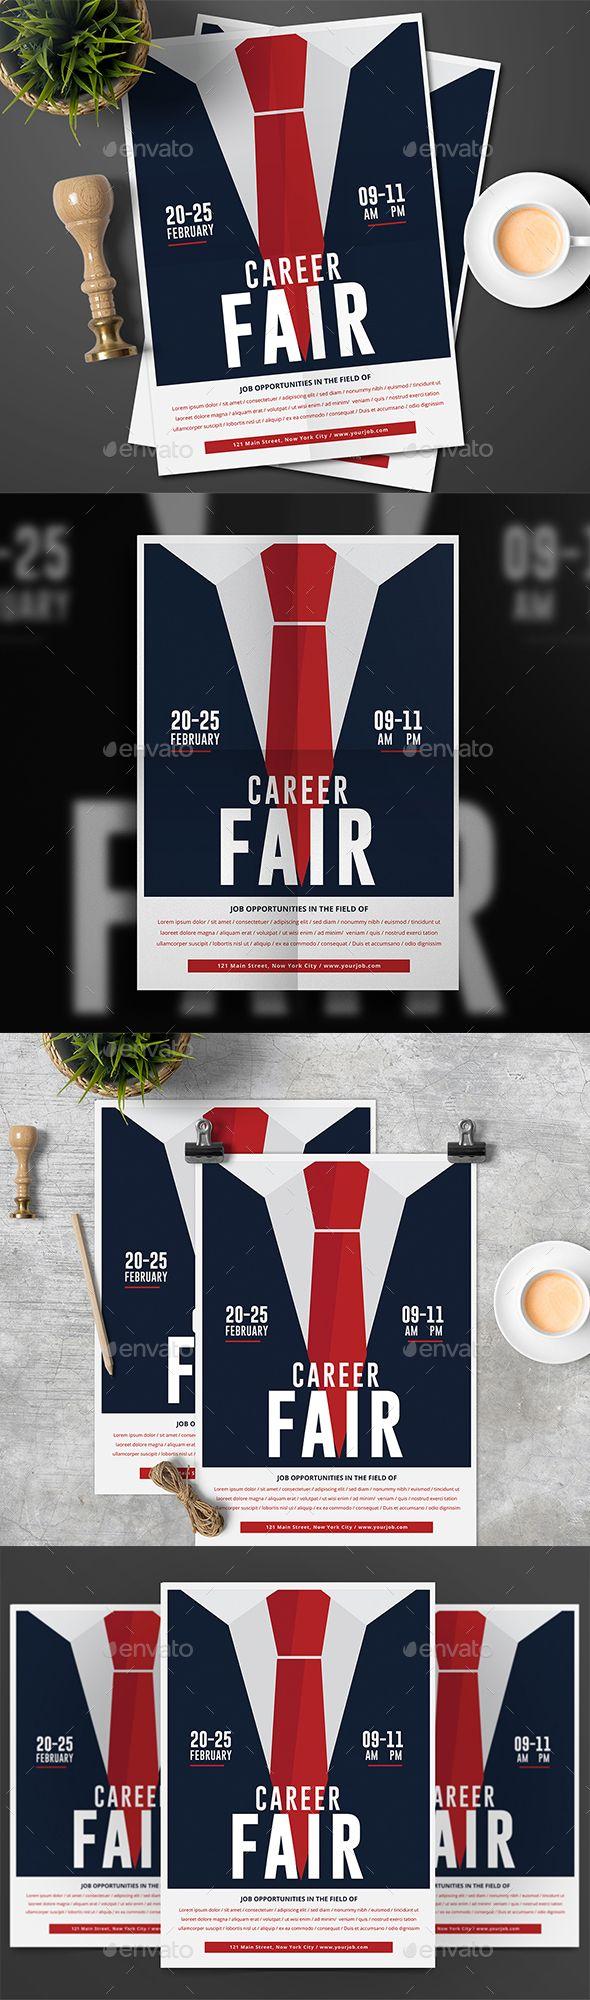 Career Fair DayFlyer